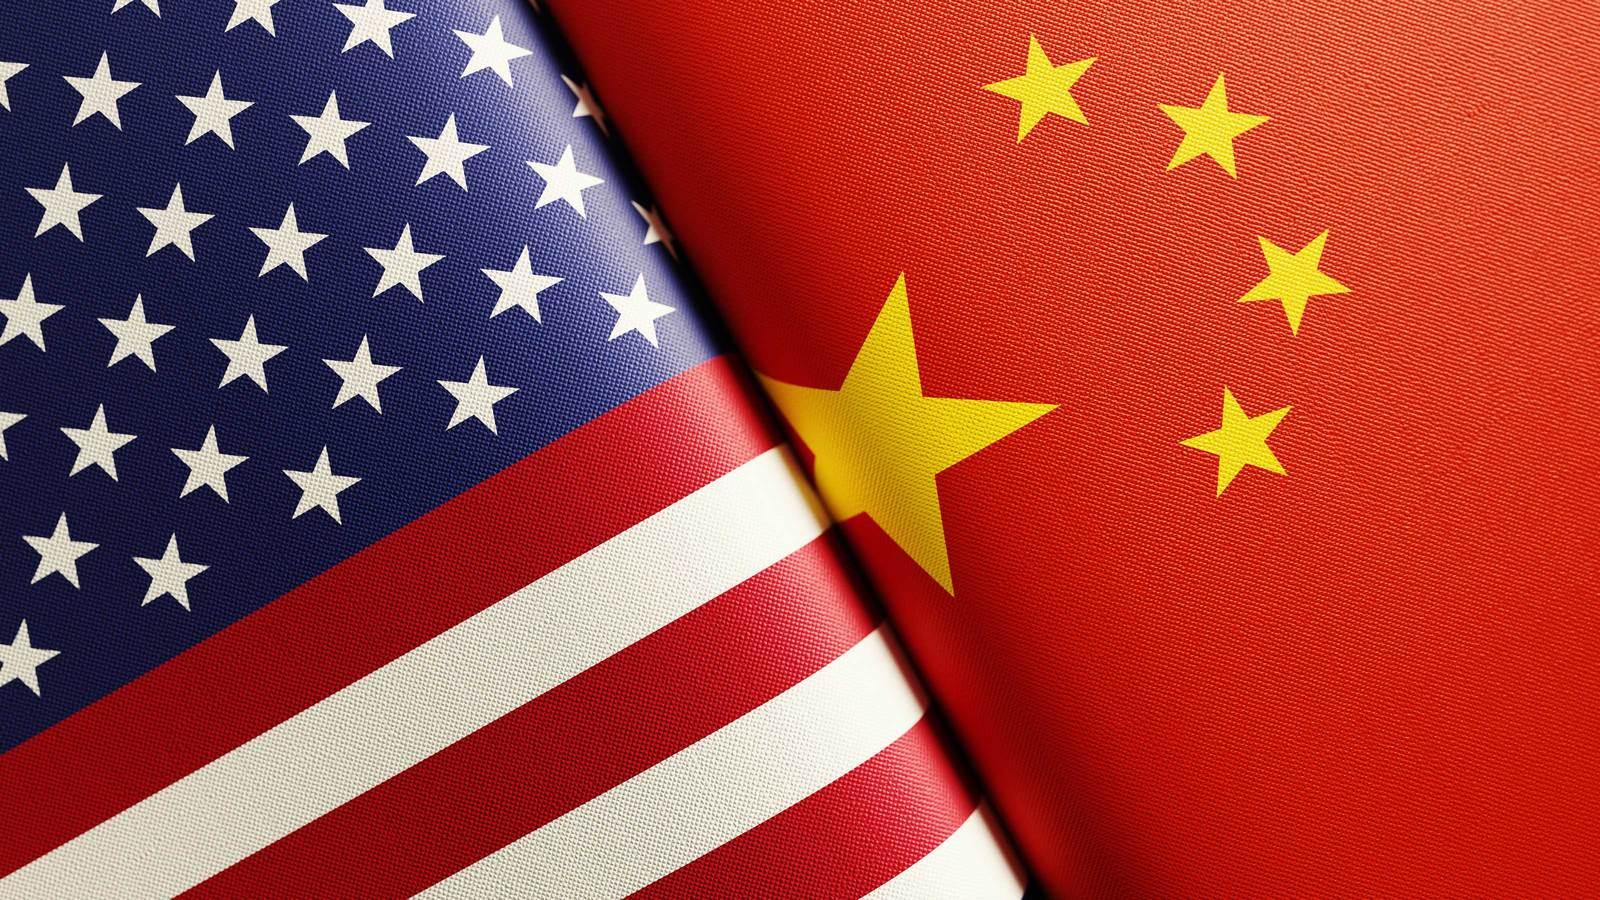 10年後、世界の指導役は国家からGAFAに変わる 中国は「第2のアメリカ」にならない